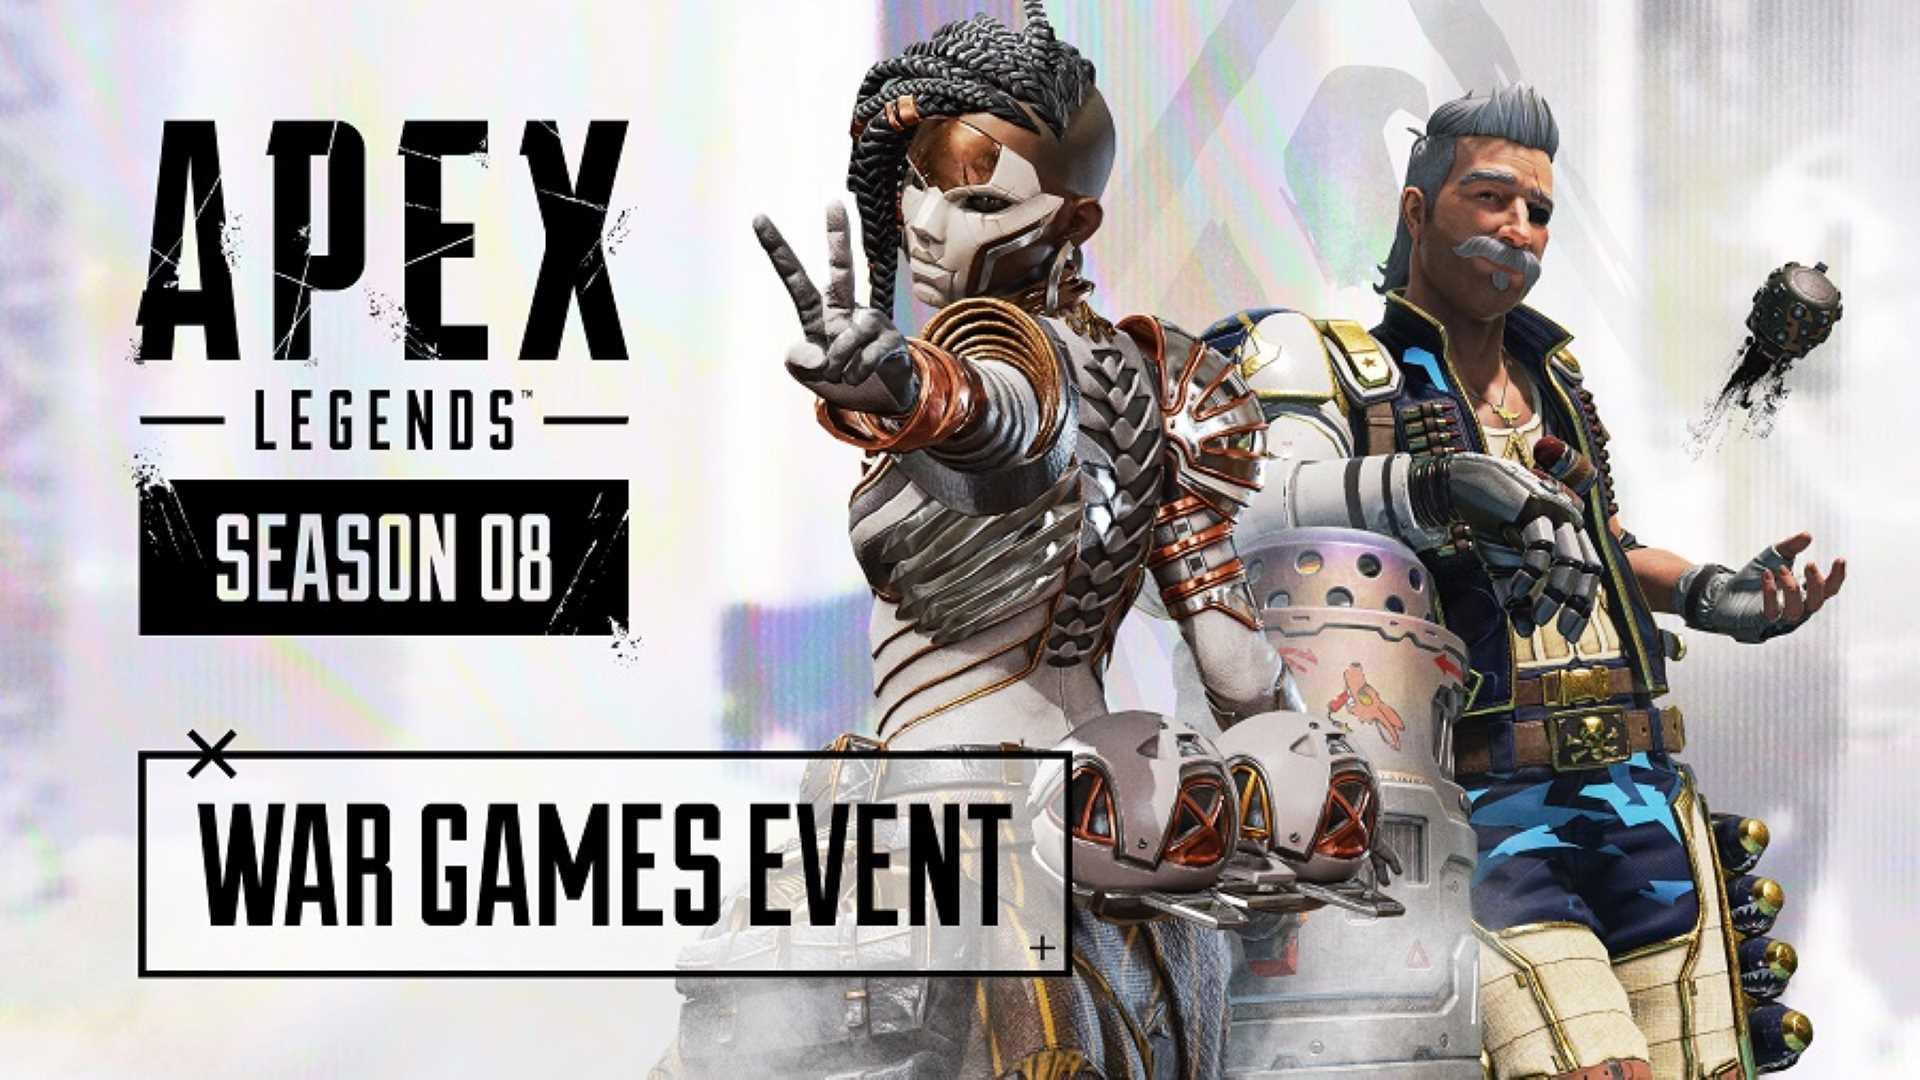 Apex Legends Kriegsspiele Sammel Event - Keyart